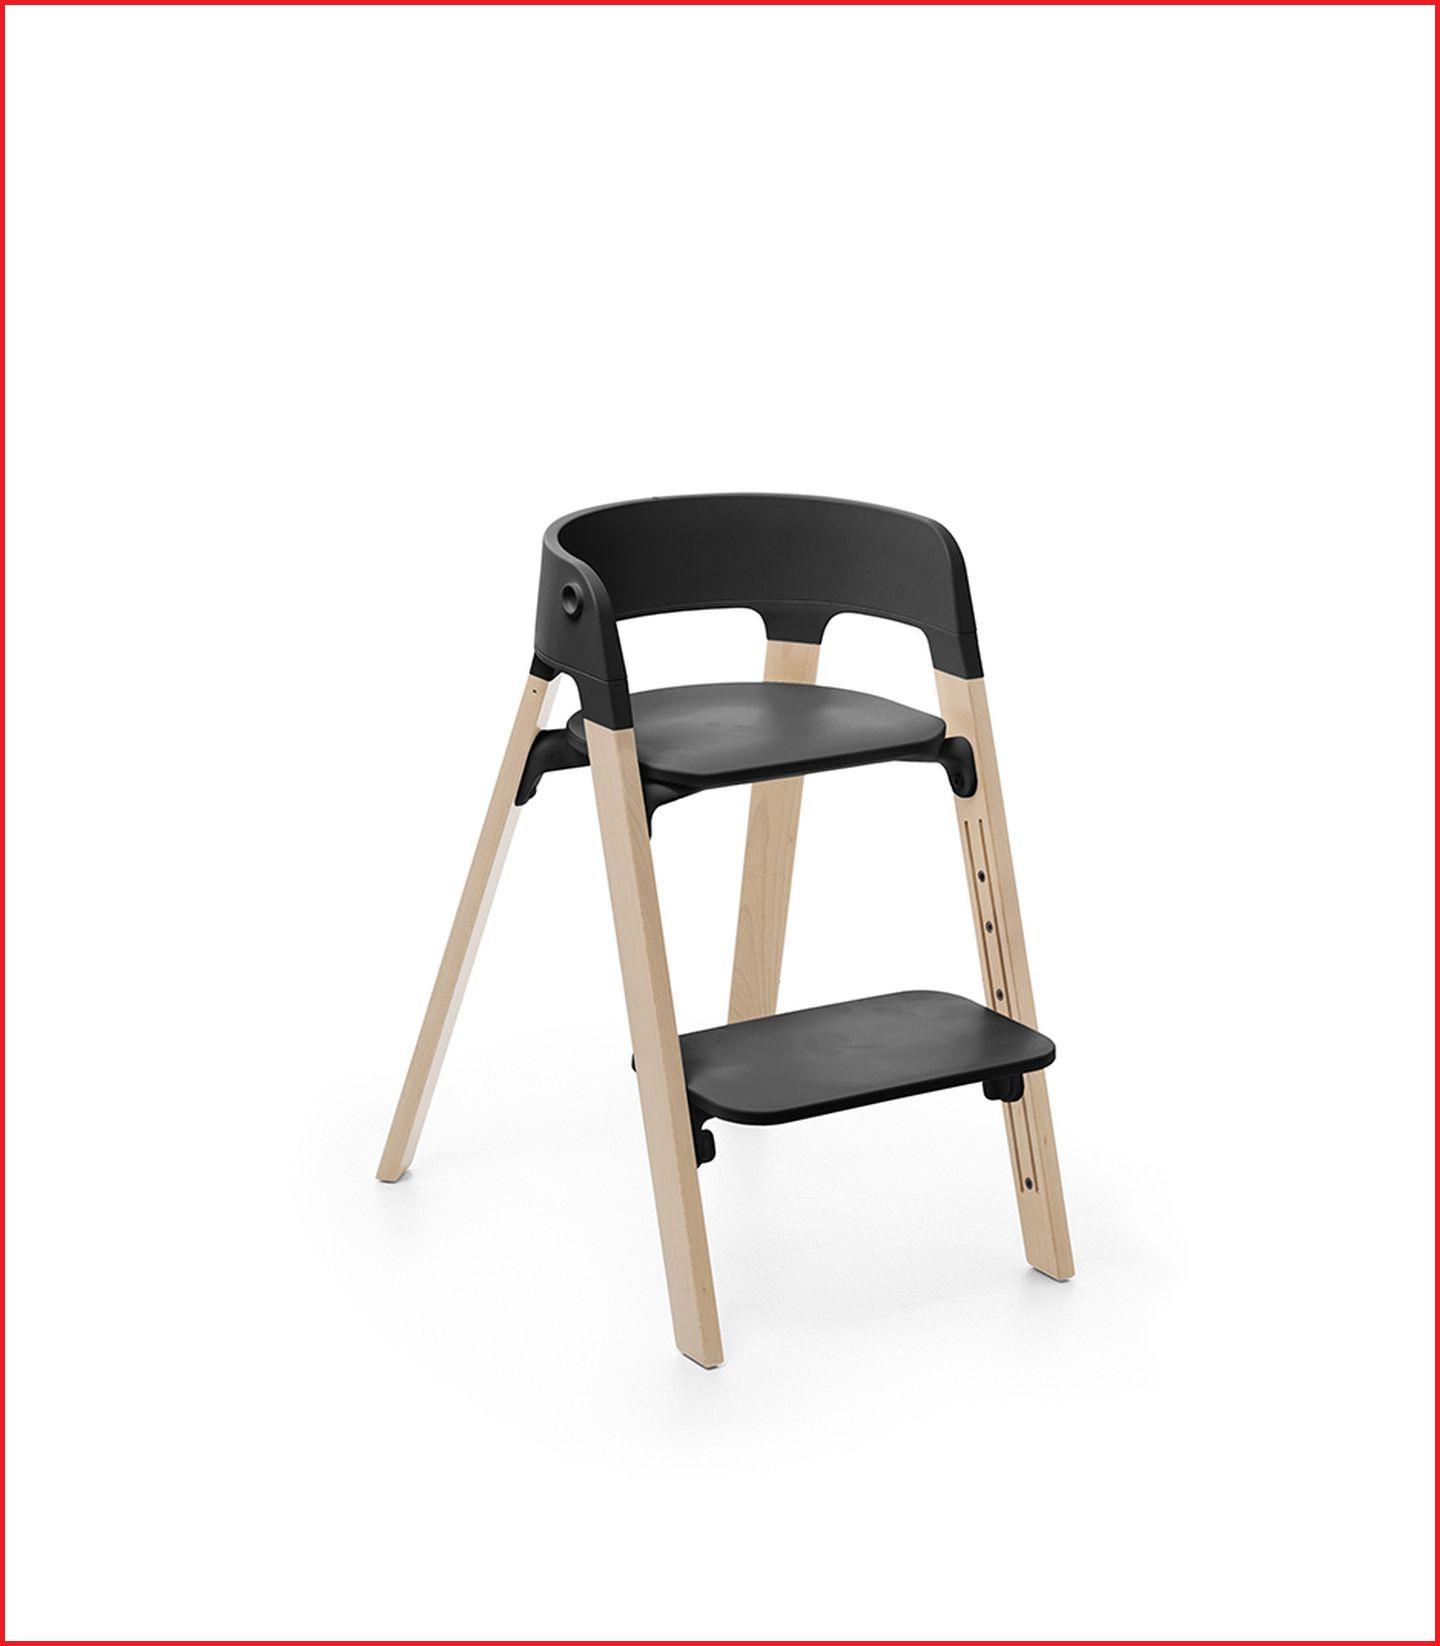 Sillas Stokke Txdf Stokke Silla Stokke Stepsà Chair Black Seat Natural Legs